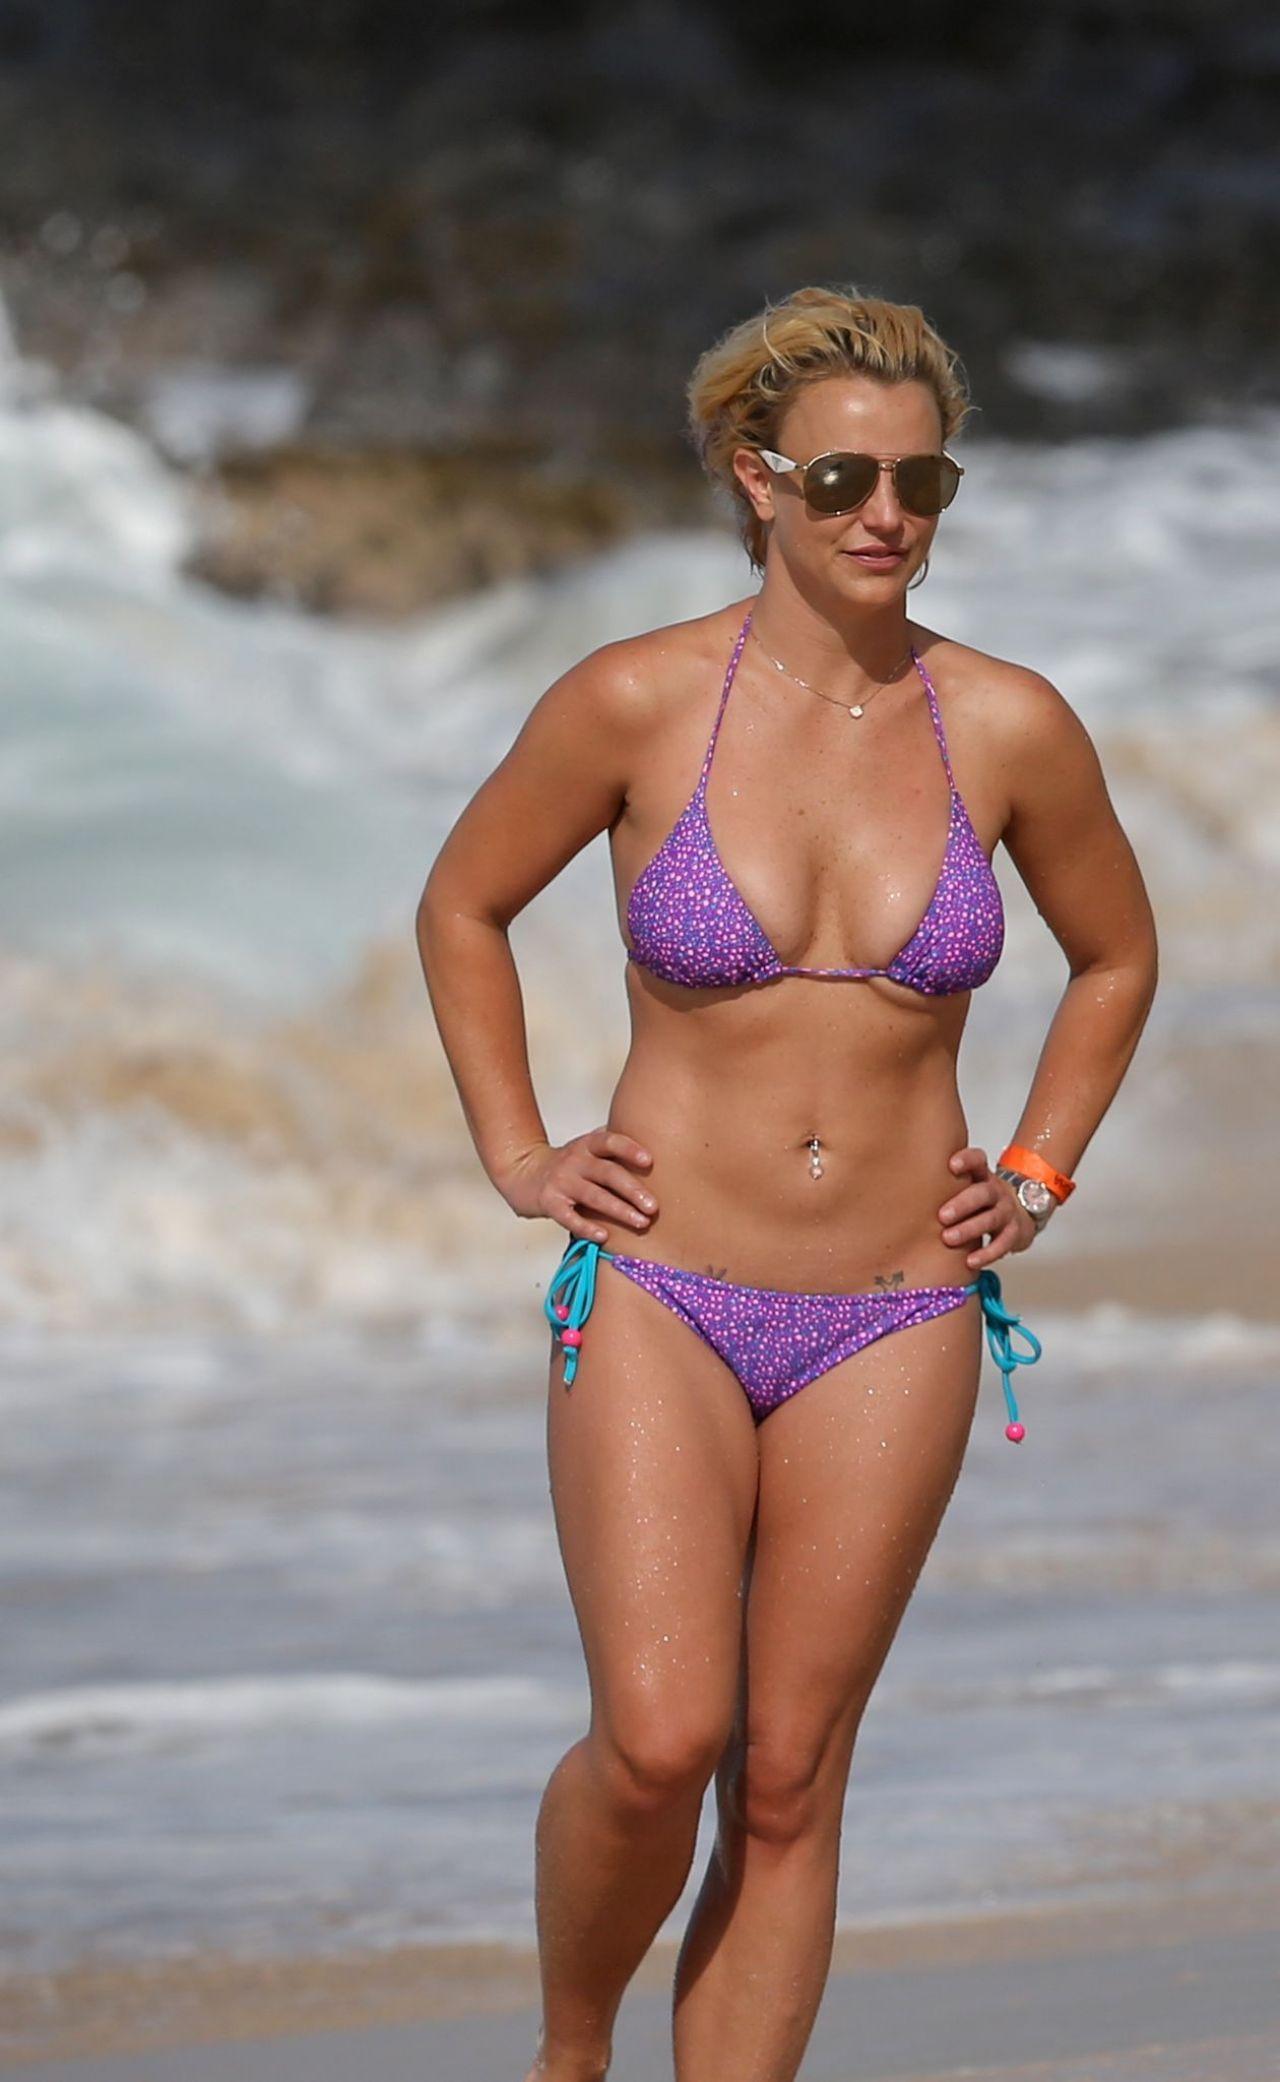 britney-spears-on-a-beach-in-a-bikini-in-hawaii-july-2015_14